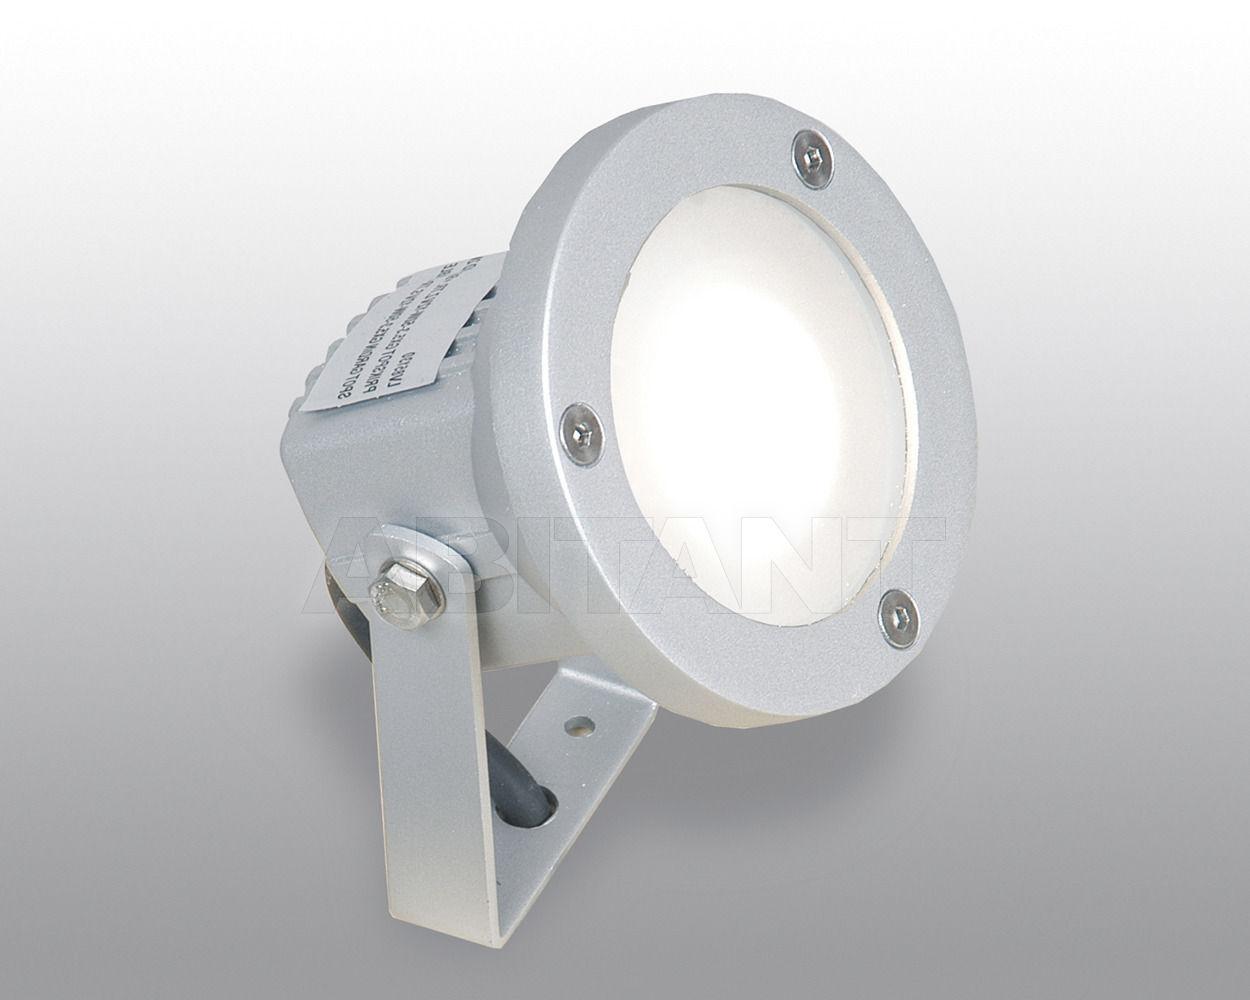 Купить Садовый светильник Linea Verdace 2012 LV 85130